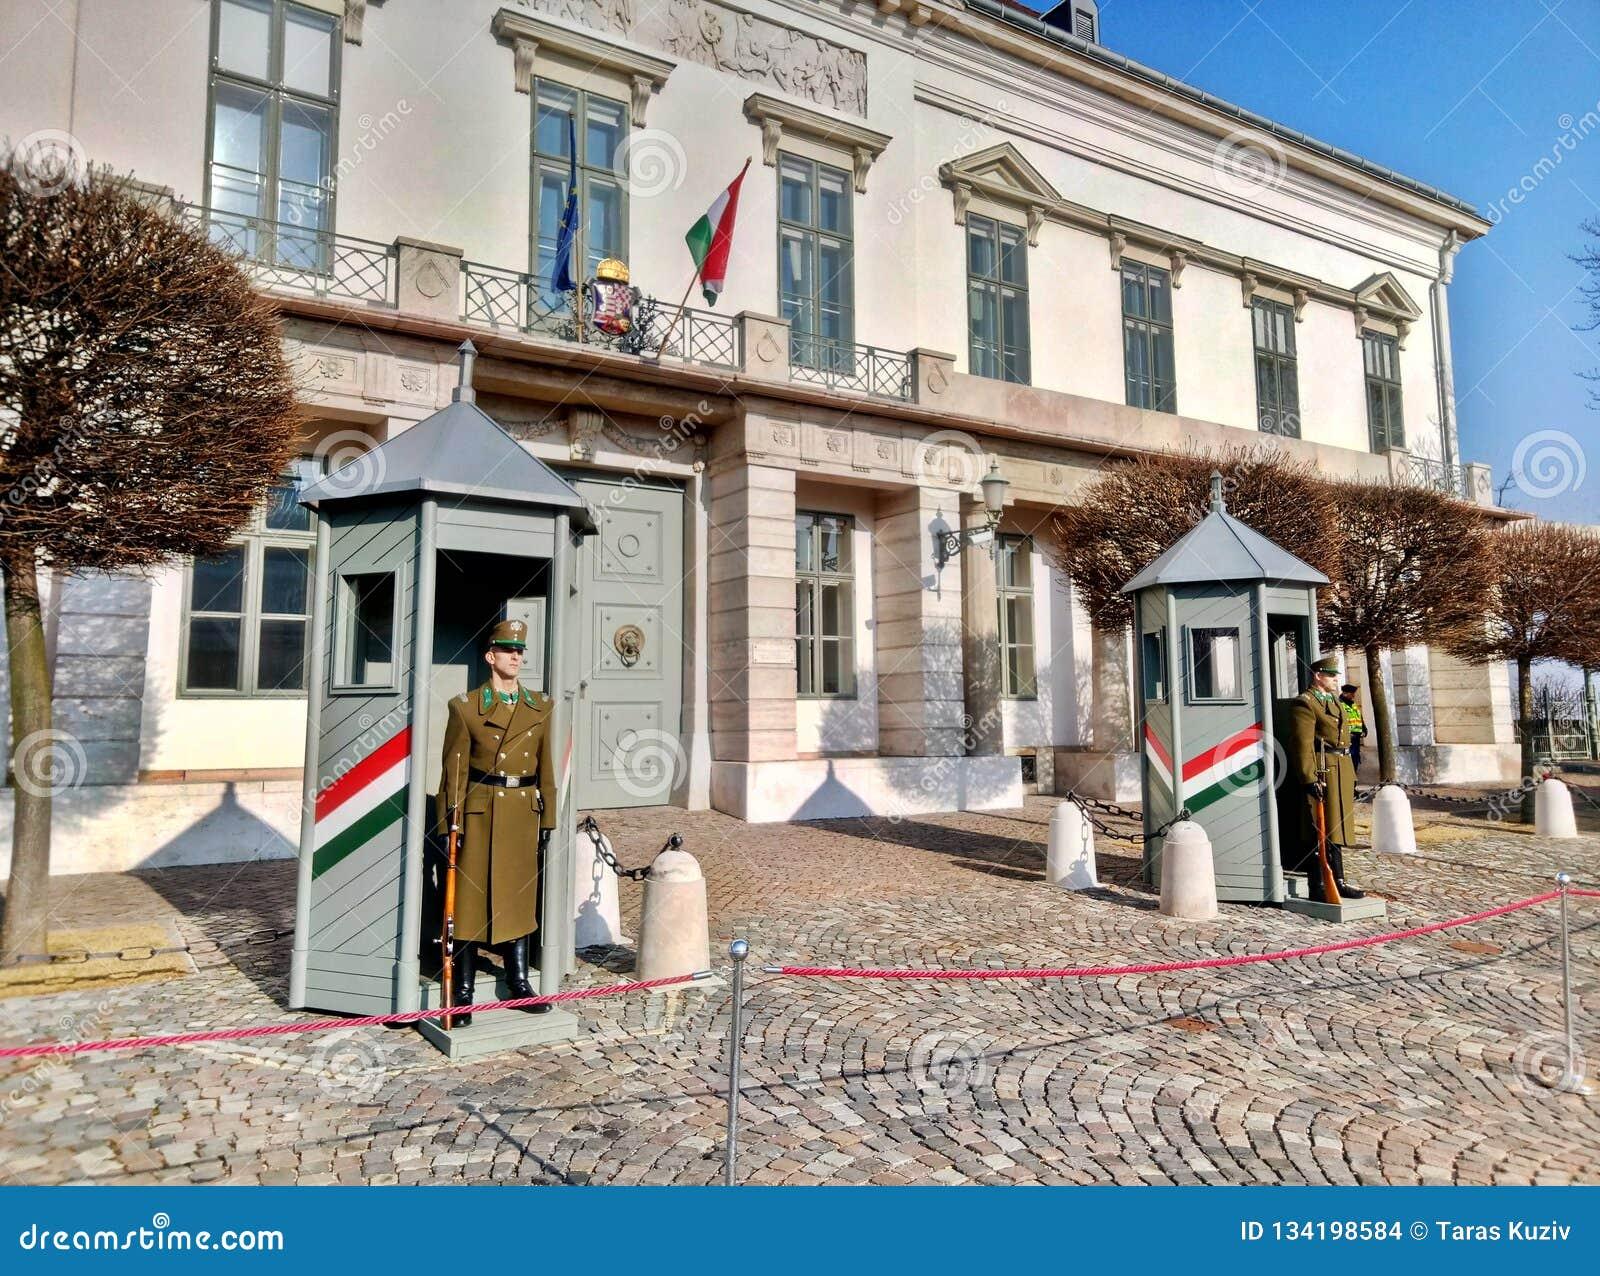 Βουδαπέστη/Ουγγαρία - 12 Φεβρουαρίου 2017: Οπλισμένη προεδρική φρουρά της Βουδαπέστης